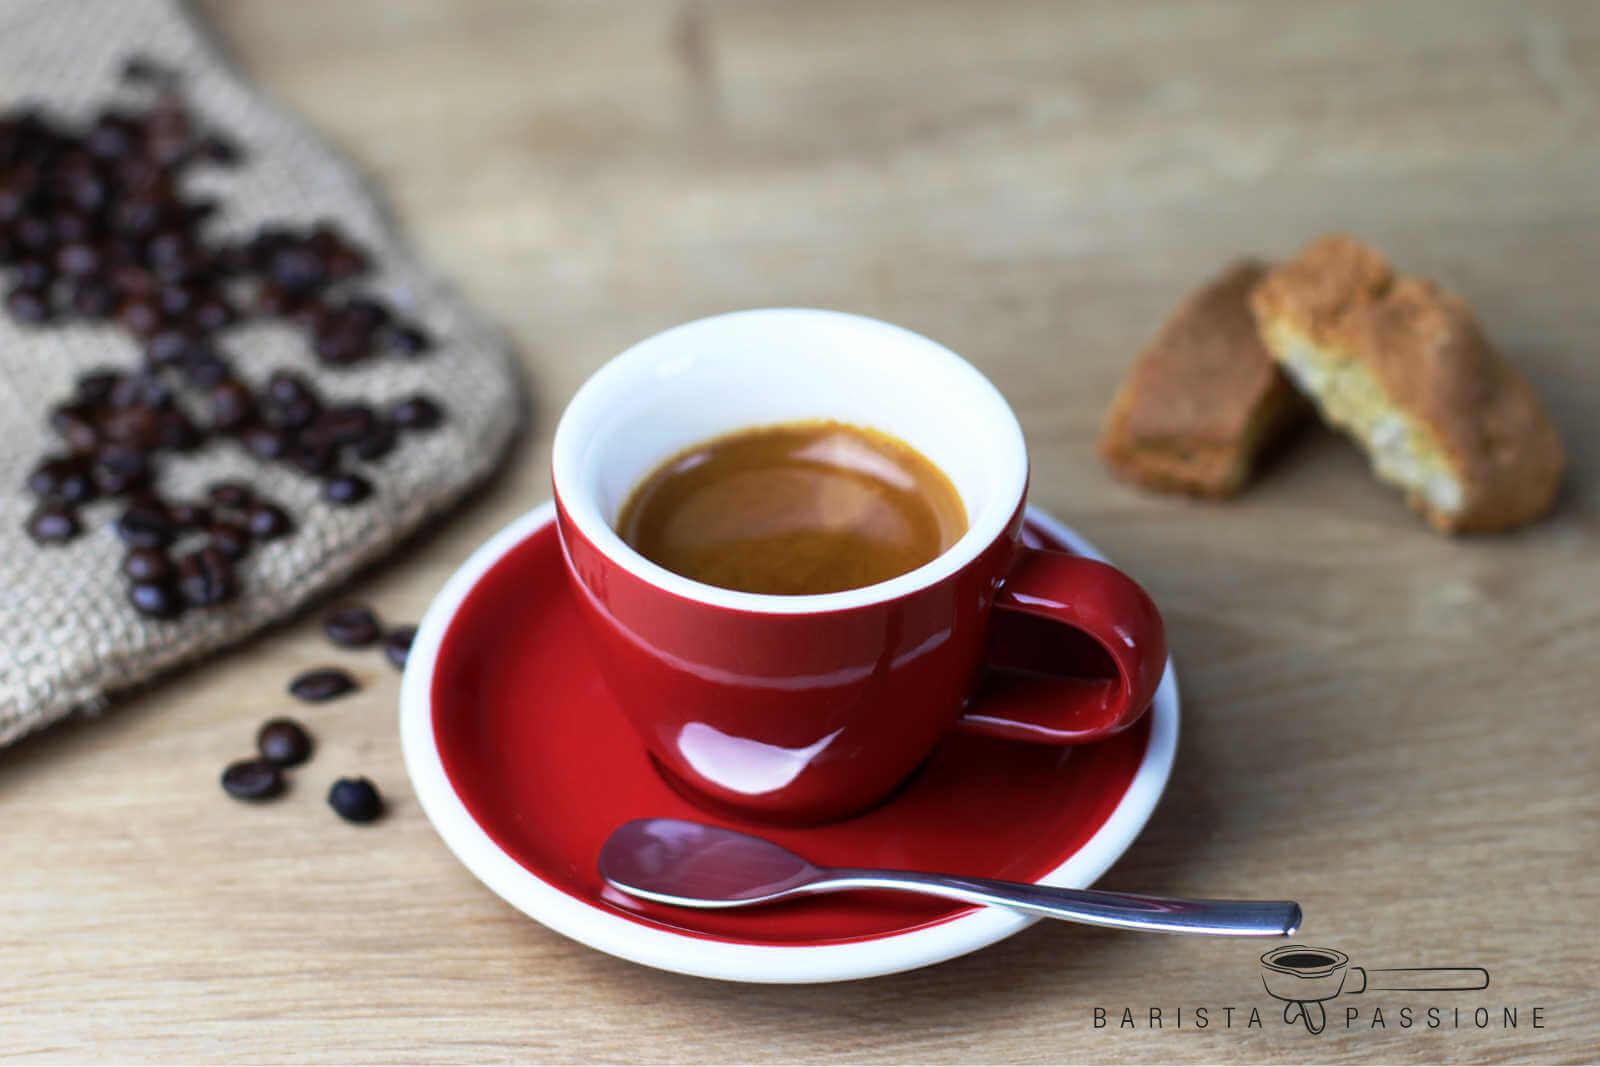 espresso zubereiten in 10 schritten zum perfekten espresso hilfreiche tipps. Black Bedroom Furniture Sets. Home Design Ideas